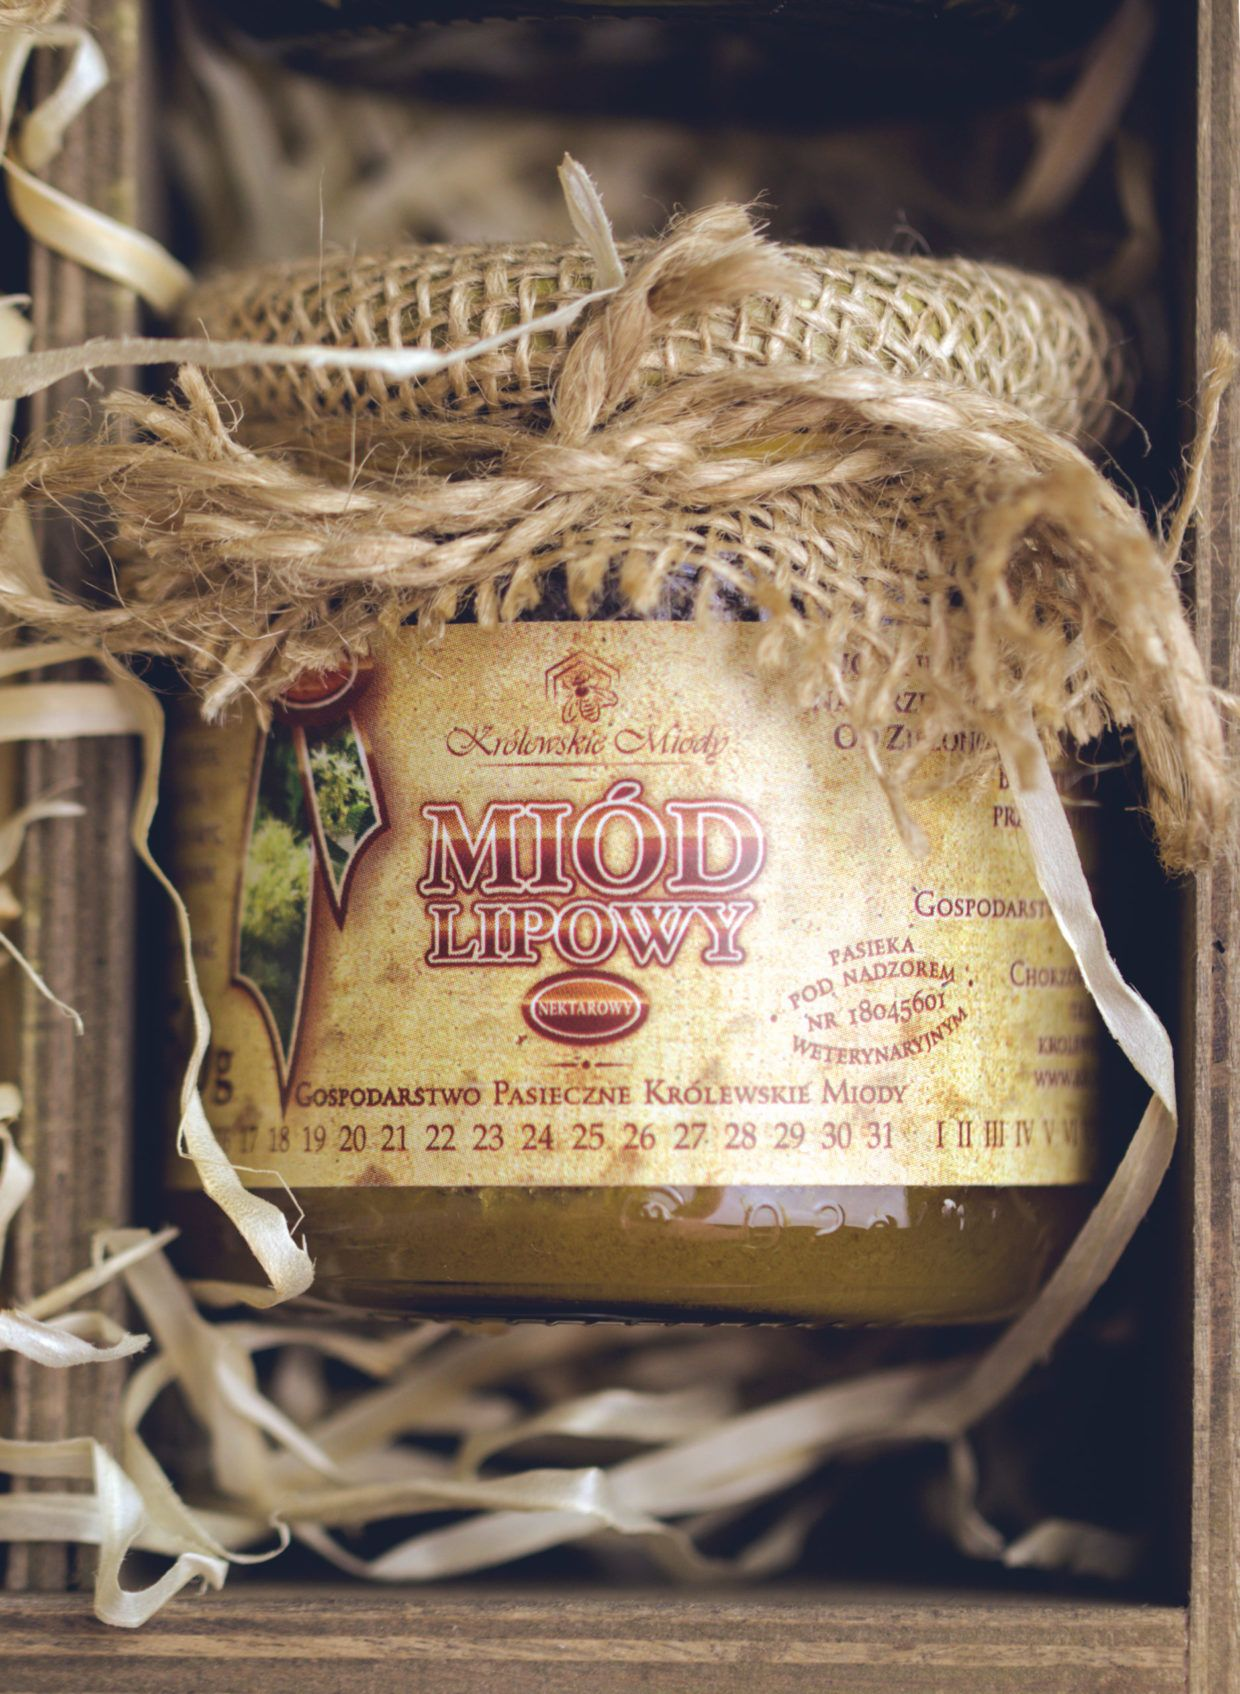 Miód lipowy – Królewskie Miody